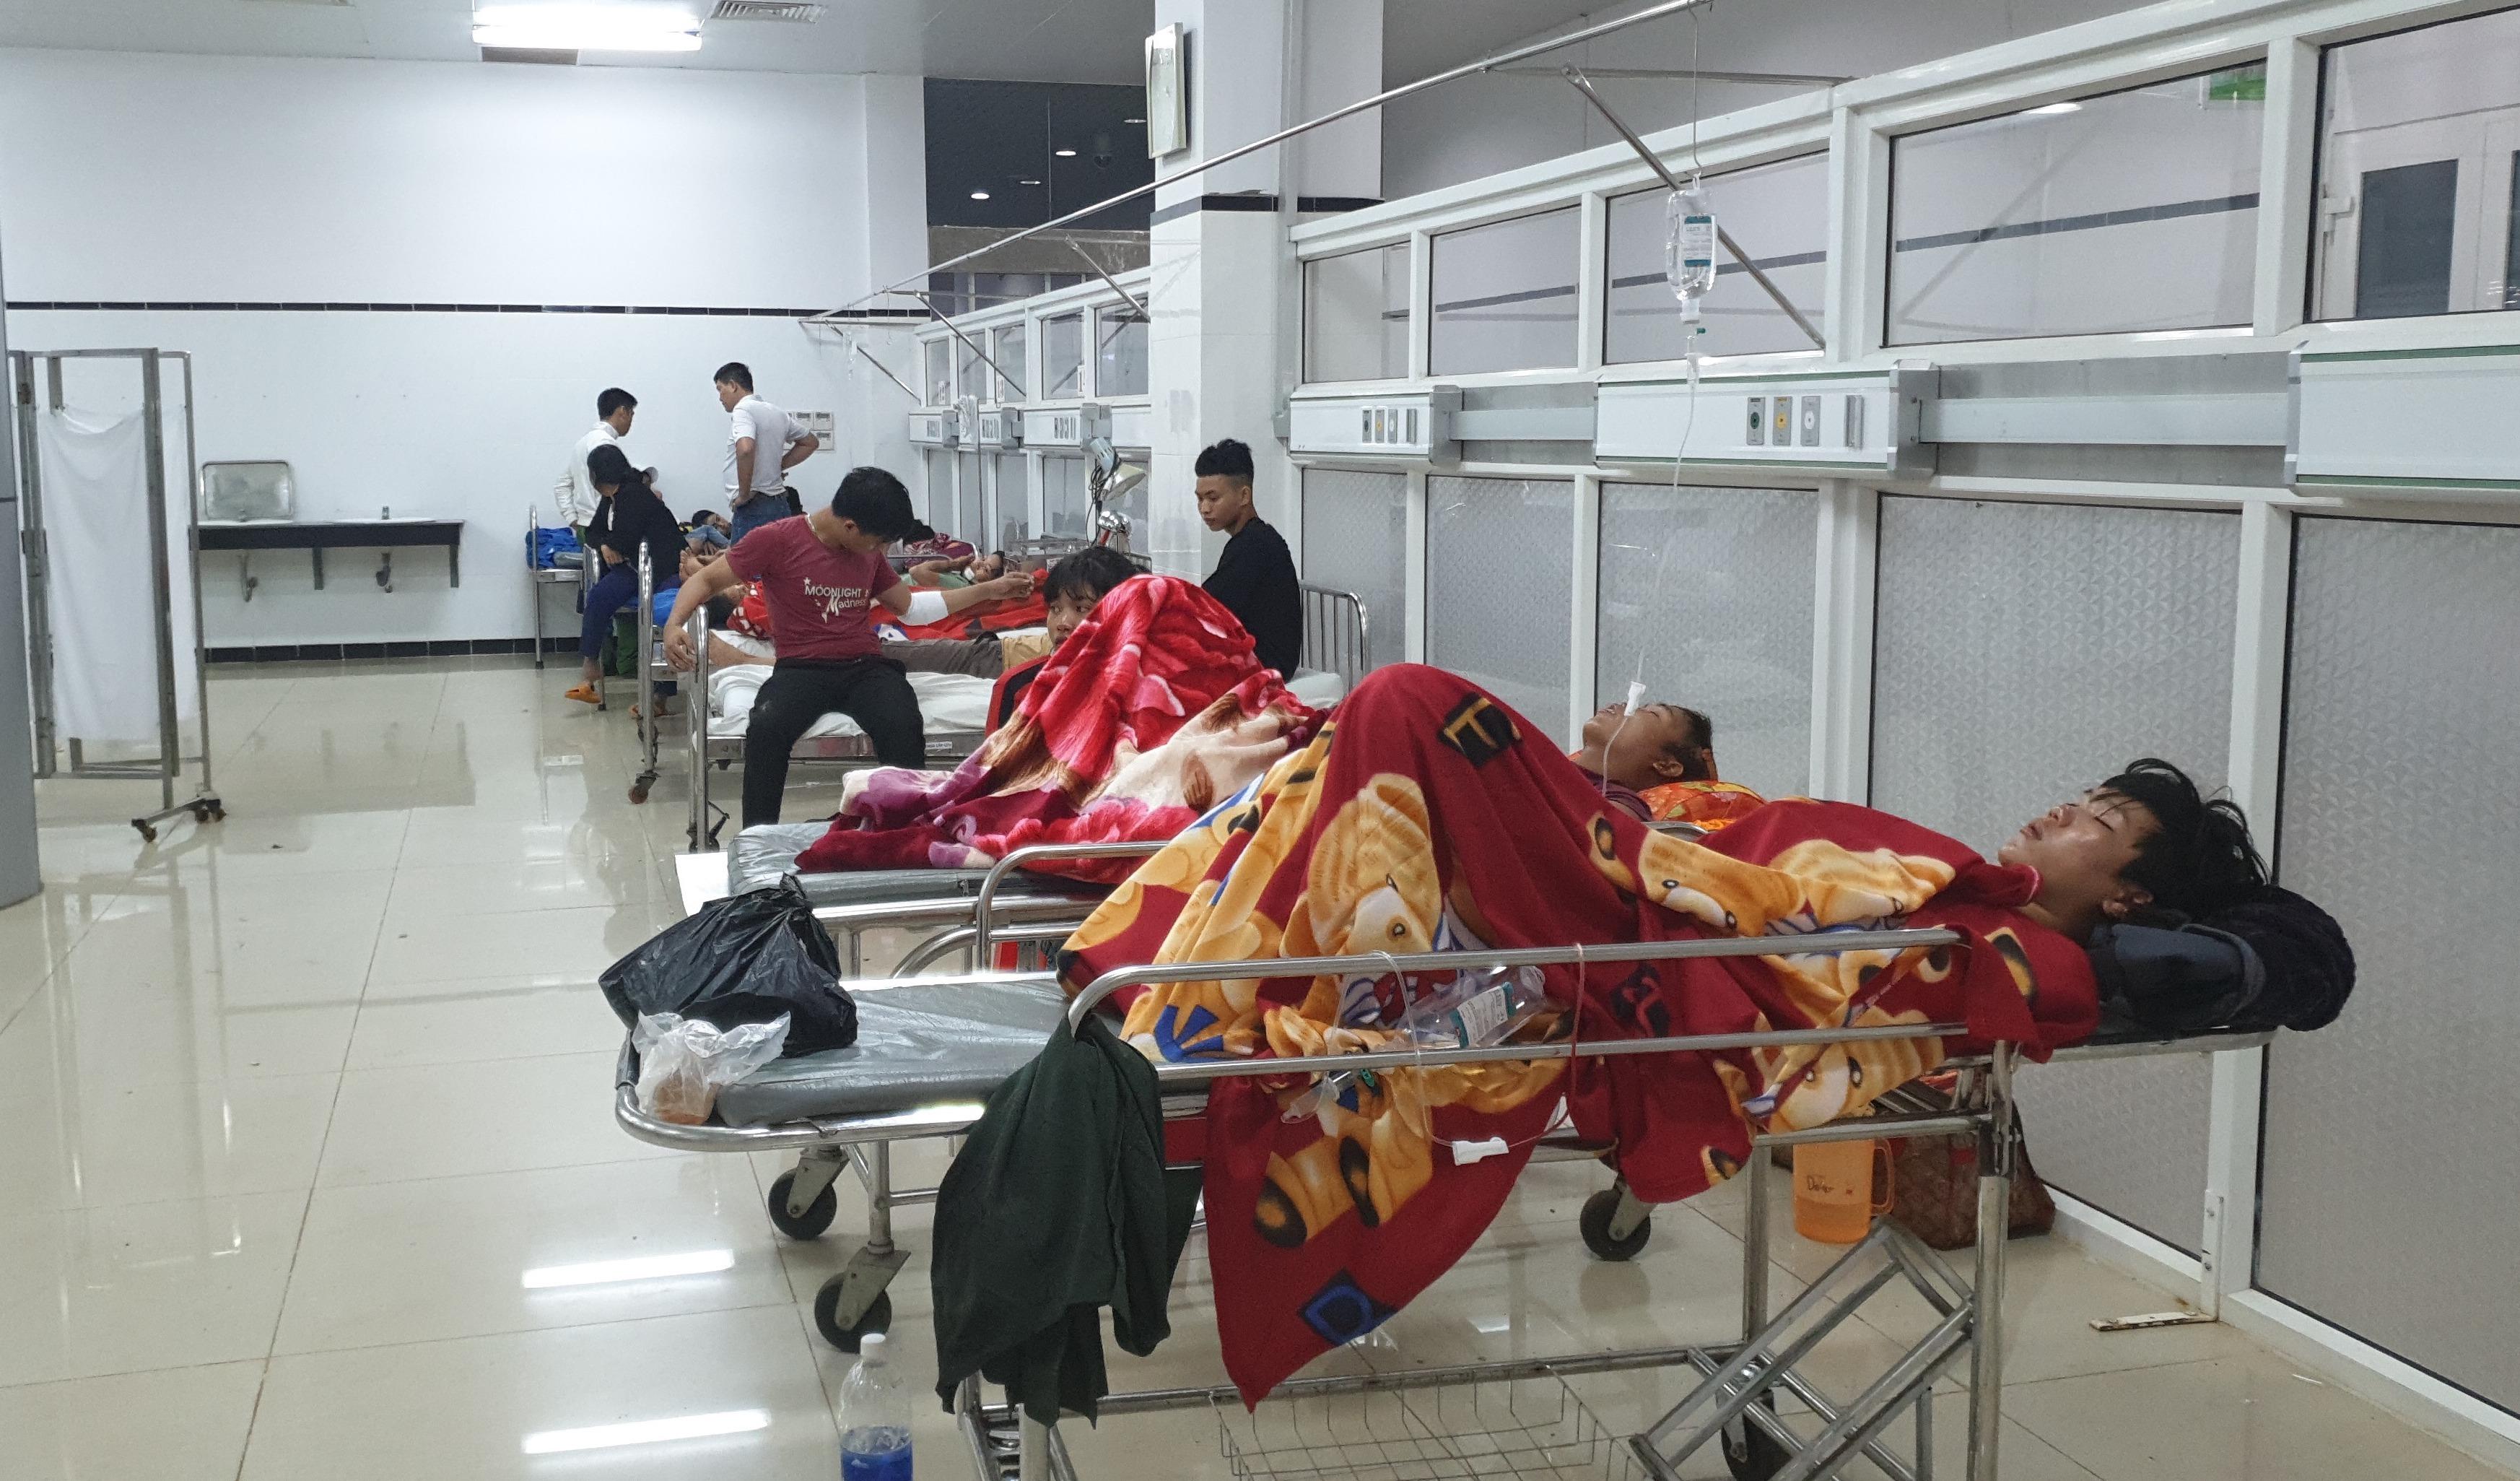 Hành khách bị thương được cấp cứu tại bệnh viện.